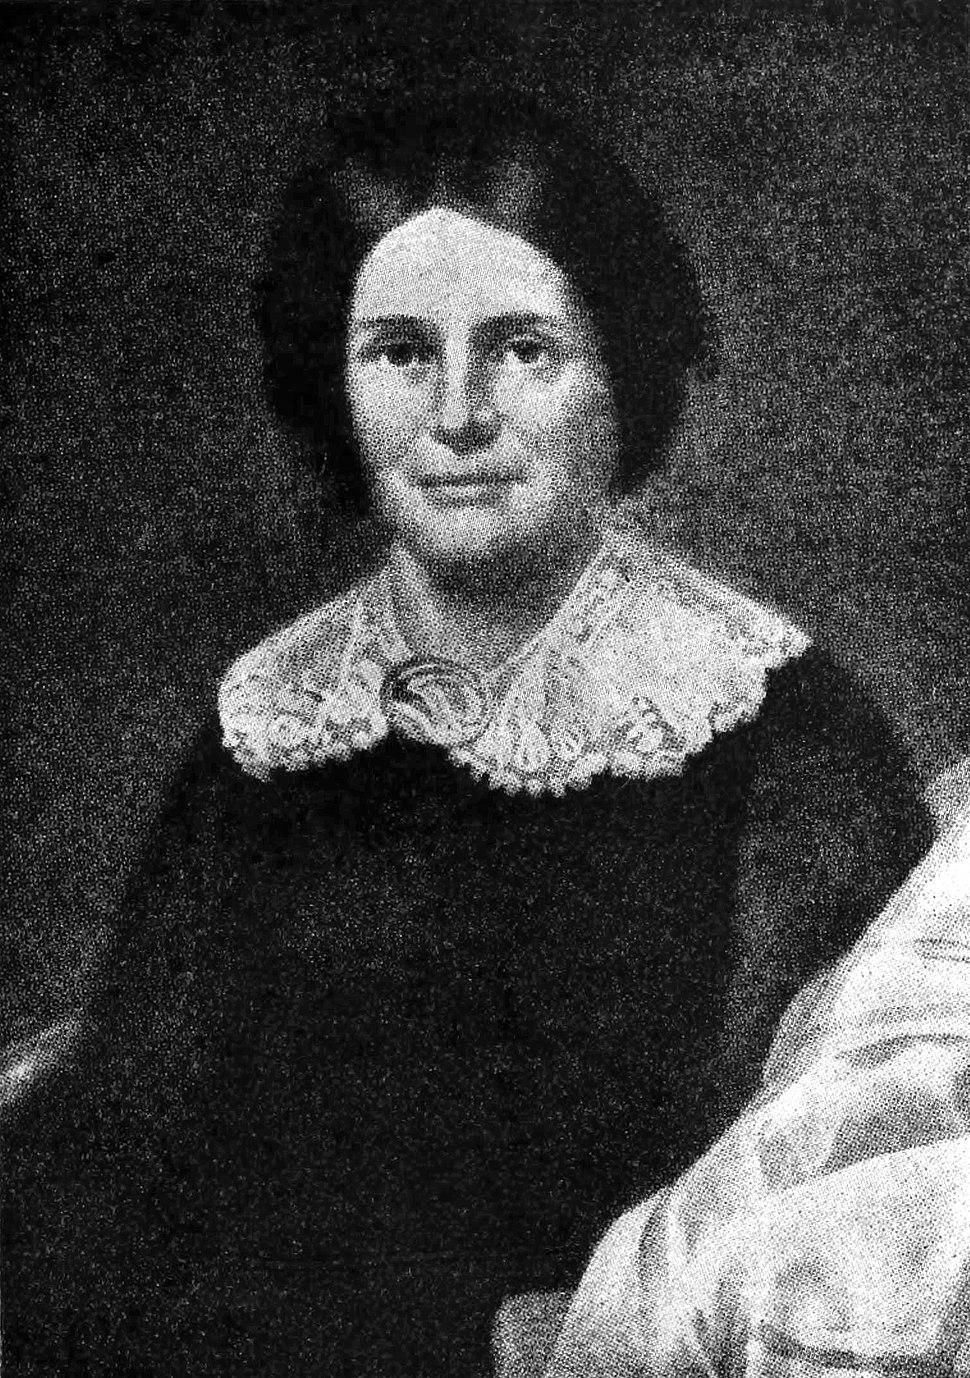 Juliette-Augusta-Magill-Kinzie